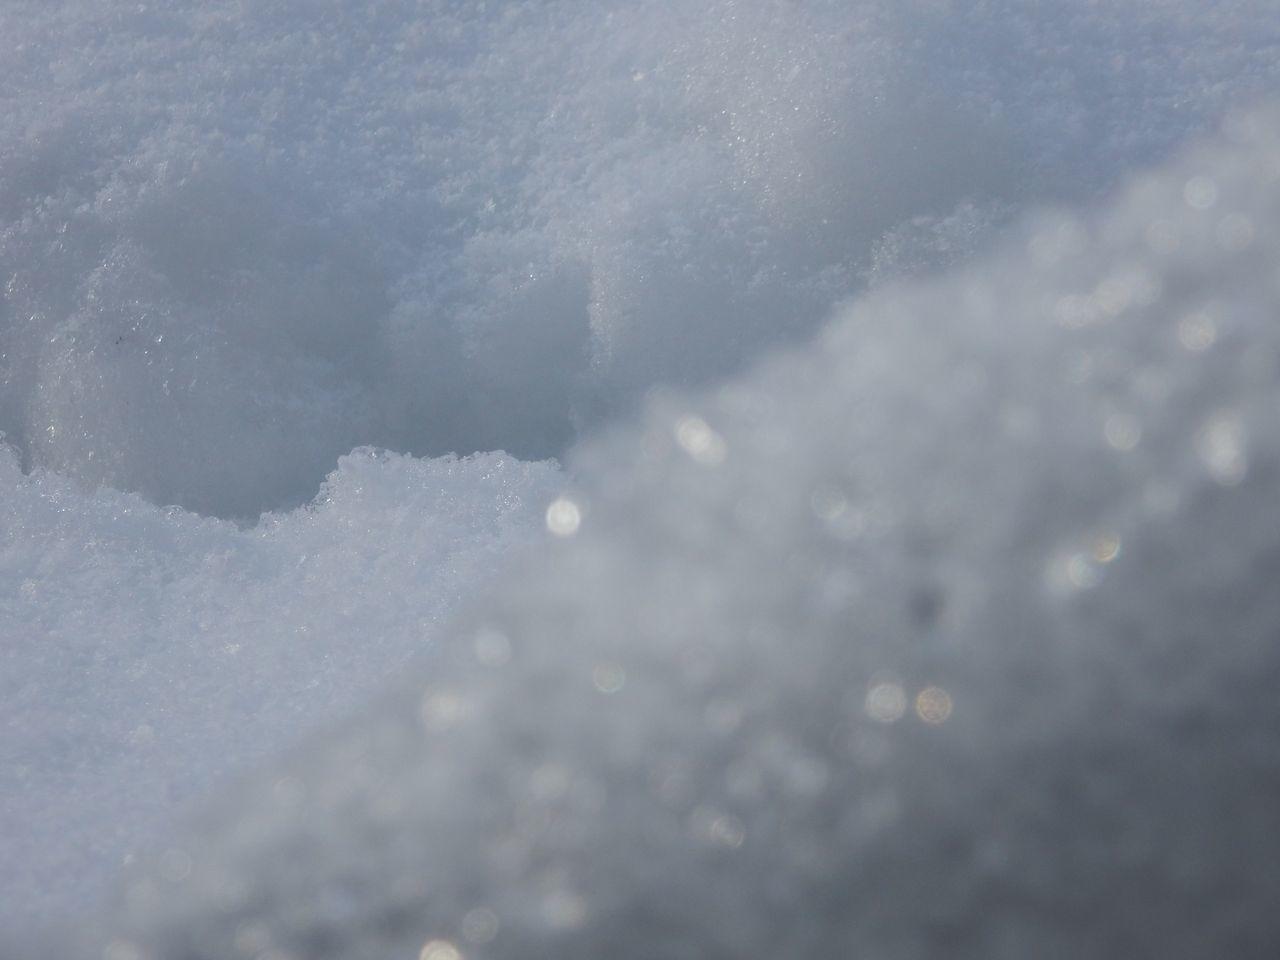 真冬日に雪がとける_c0025115_21410250.jpg